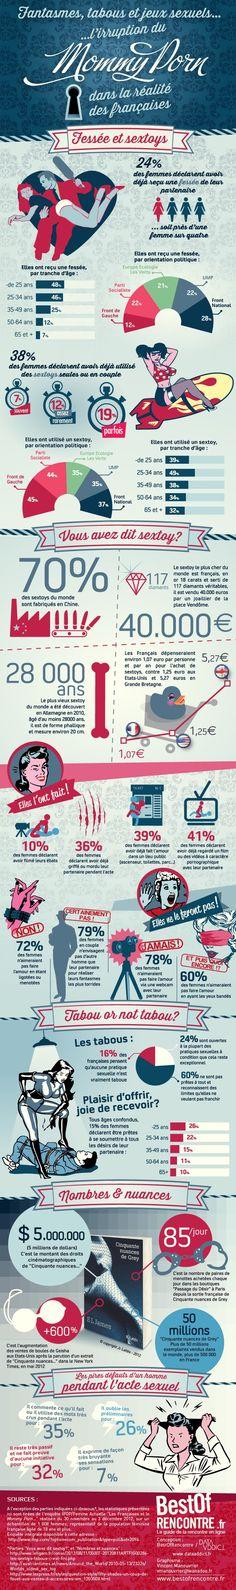 Basée sur une étude réalisée par l'IFOP fin 2012, cette très belle infographie a été réalisée par un site de rencontre.